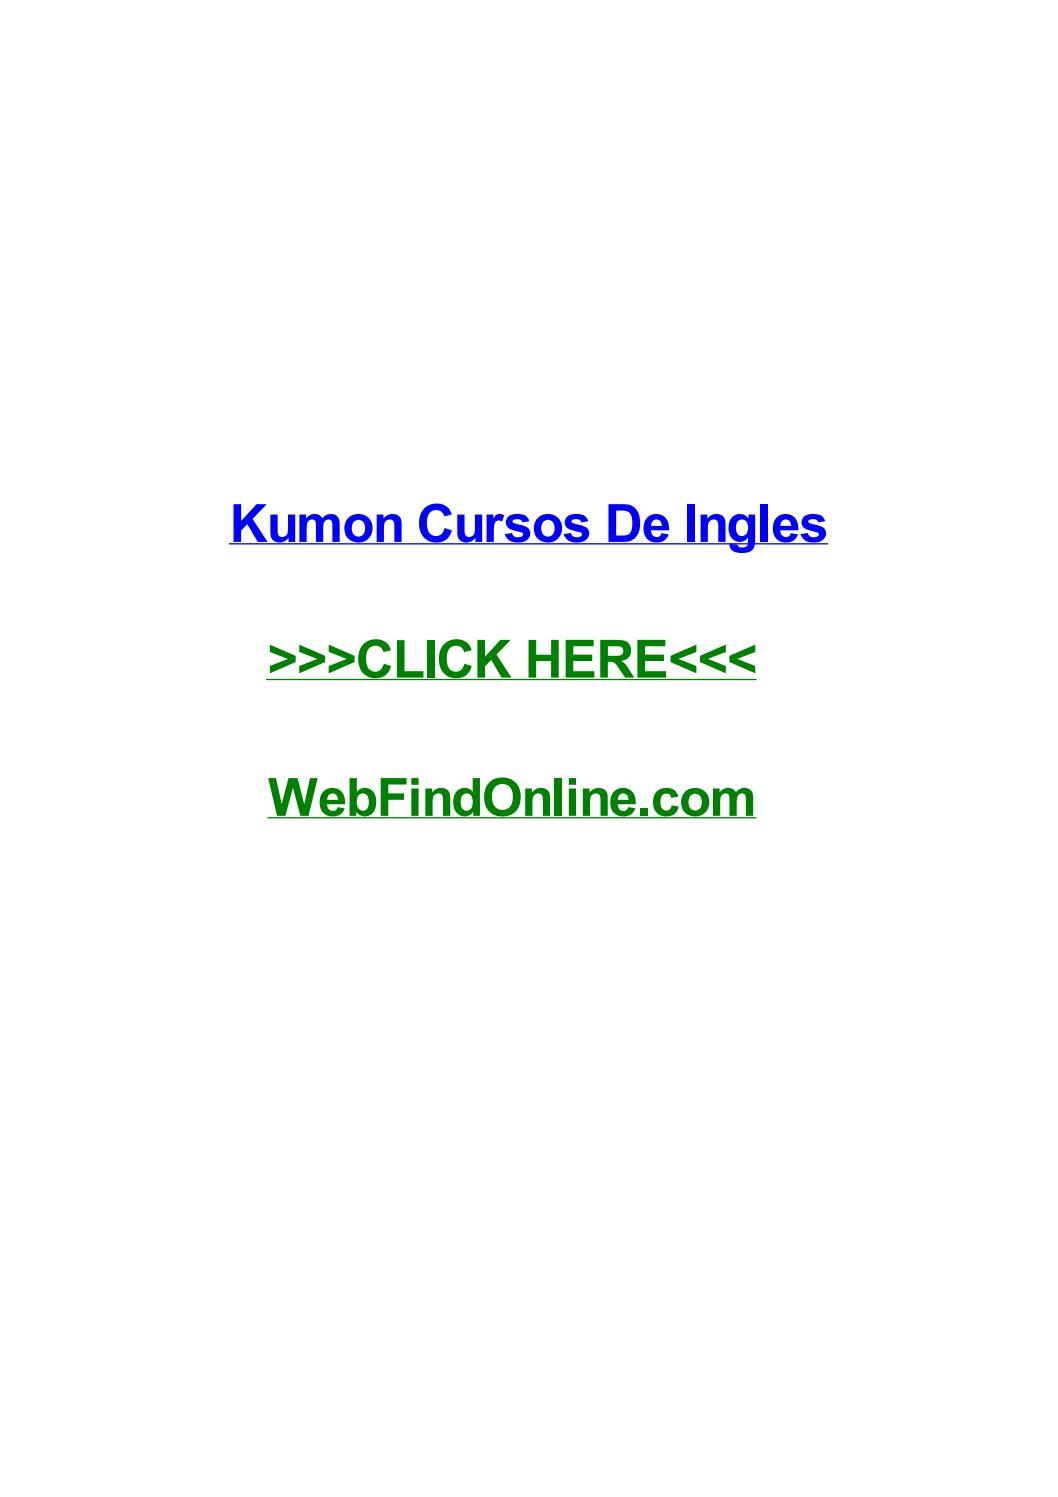 Kumon Cursos De Ingles By Chuckjpbtl Issuu